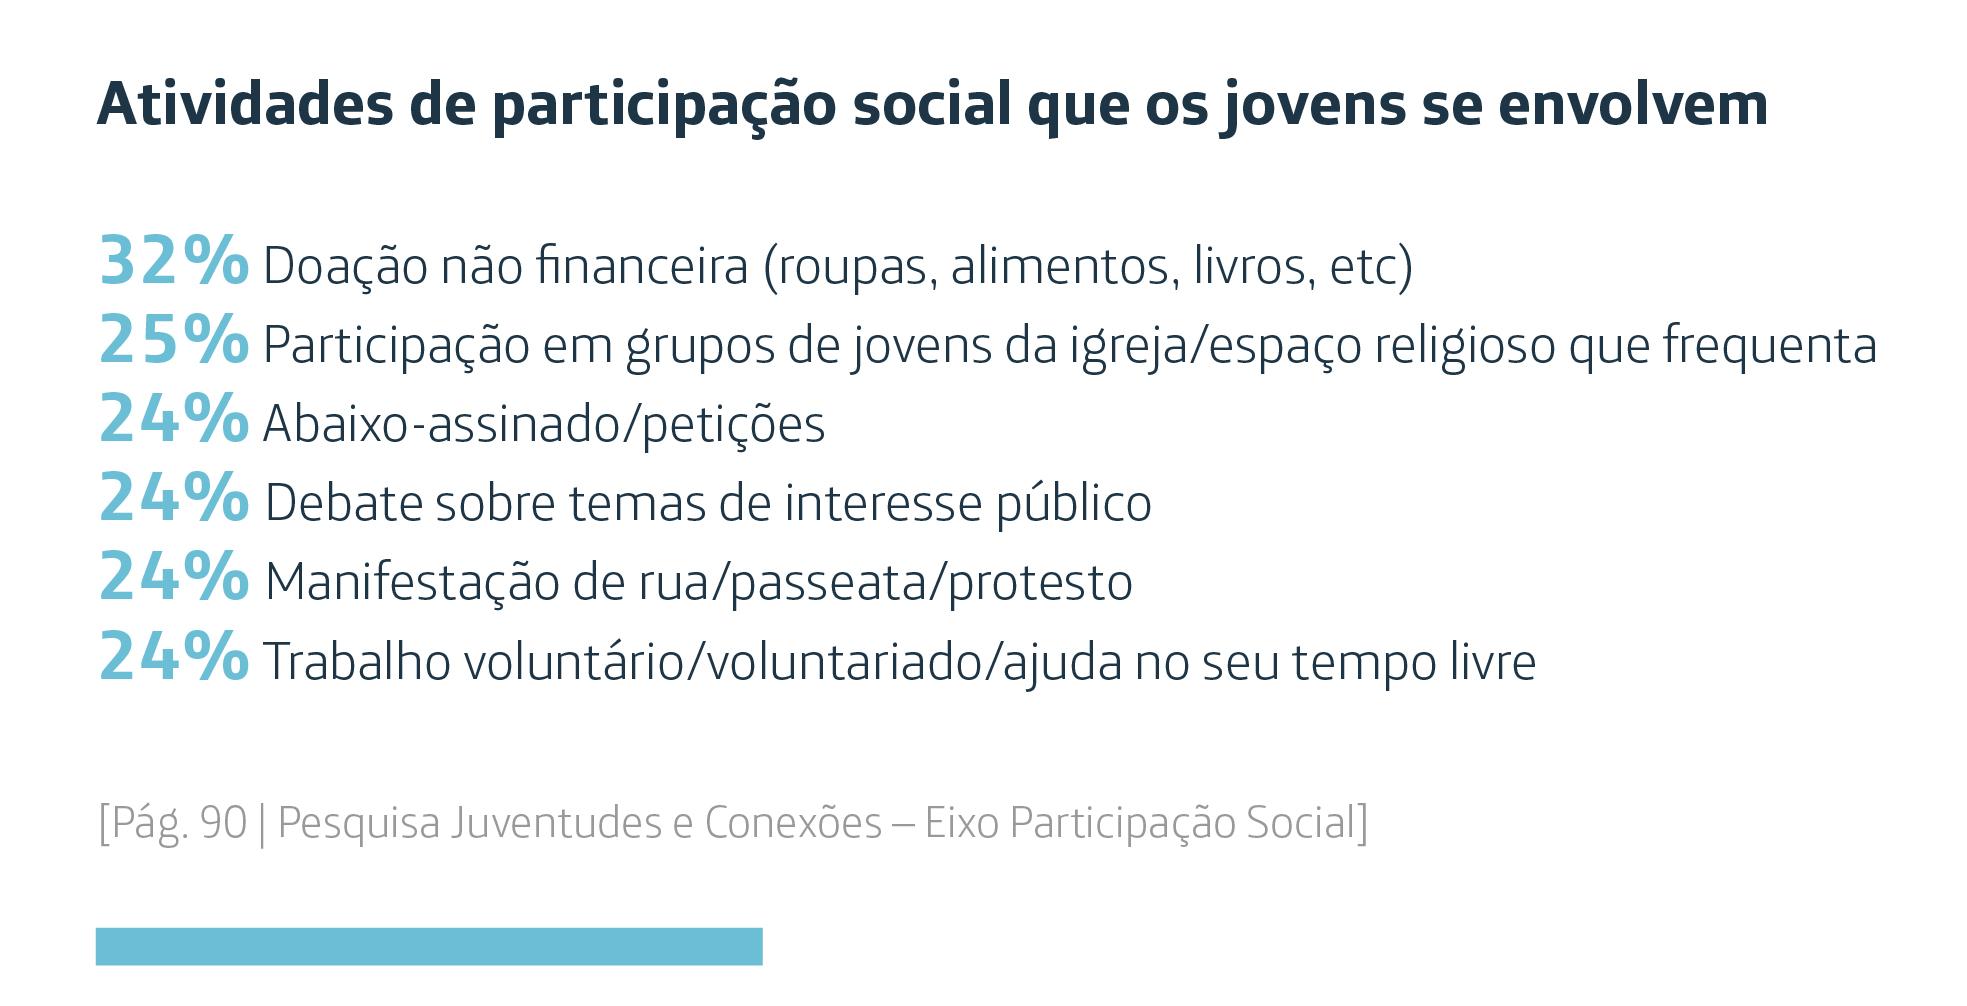 Infográfico mostra atividades de participação social que os jovens se envolvem